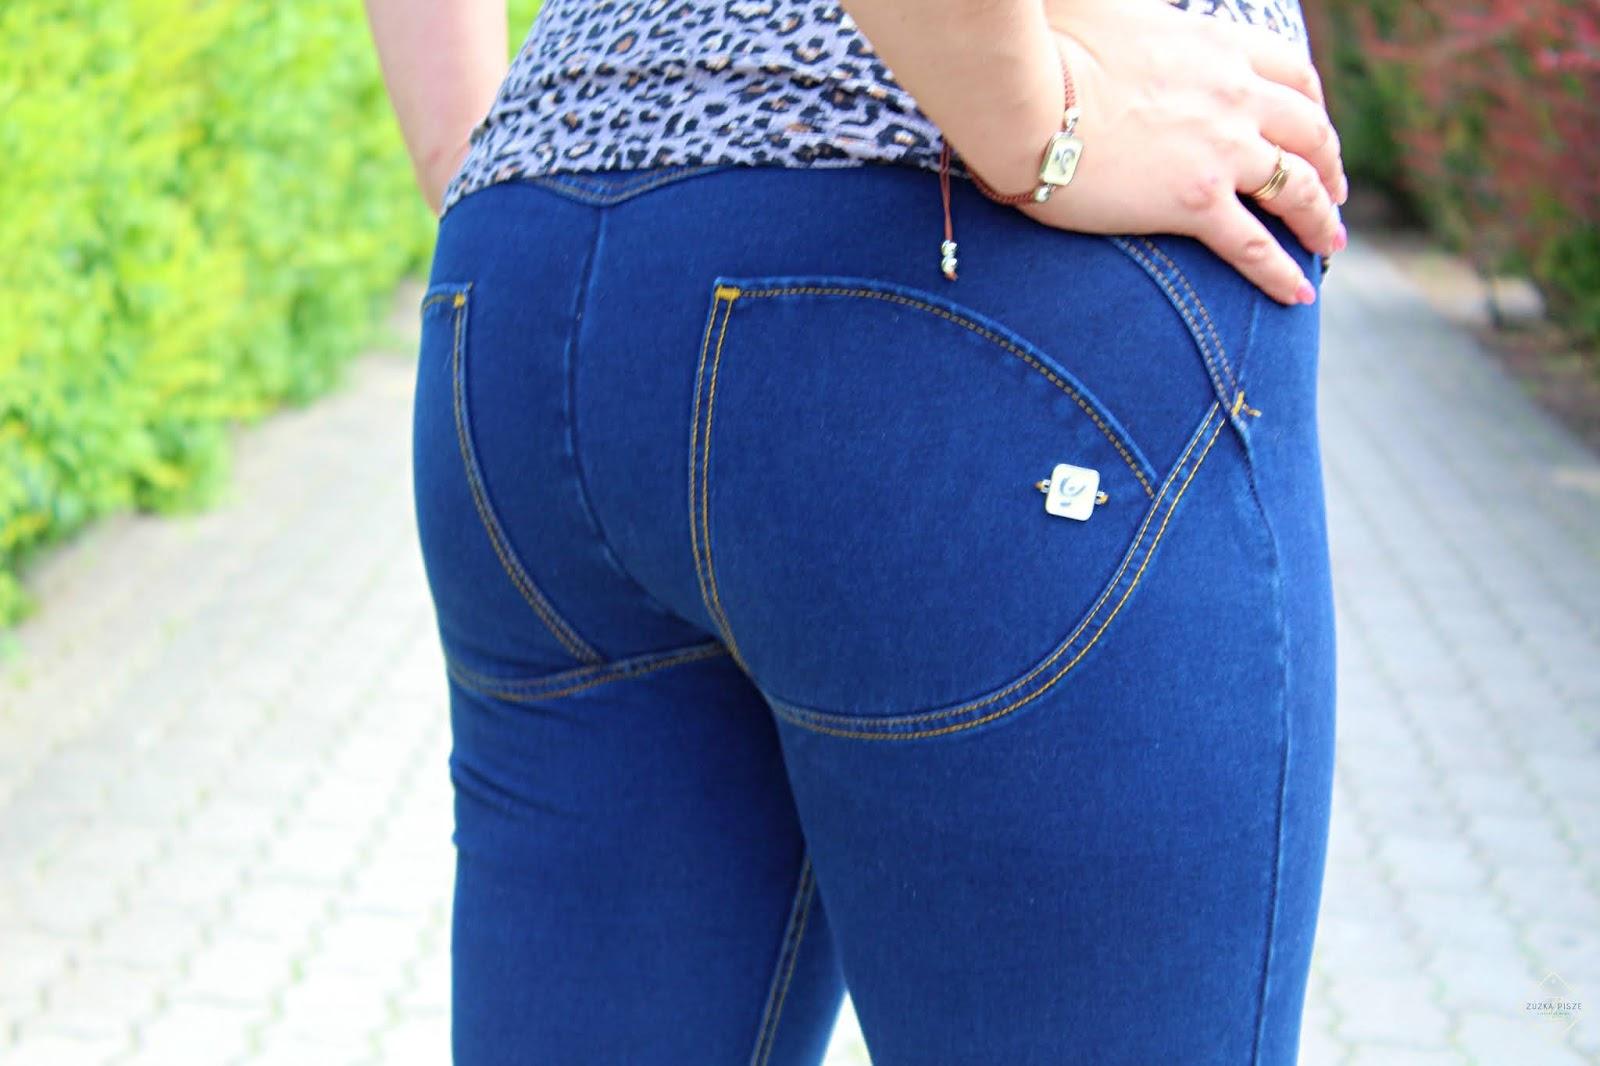 WR.UP® Denim - Spodnie Skinny z wysokim stanem - FREDDY POLSKA